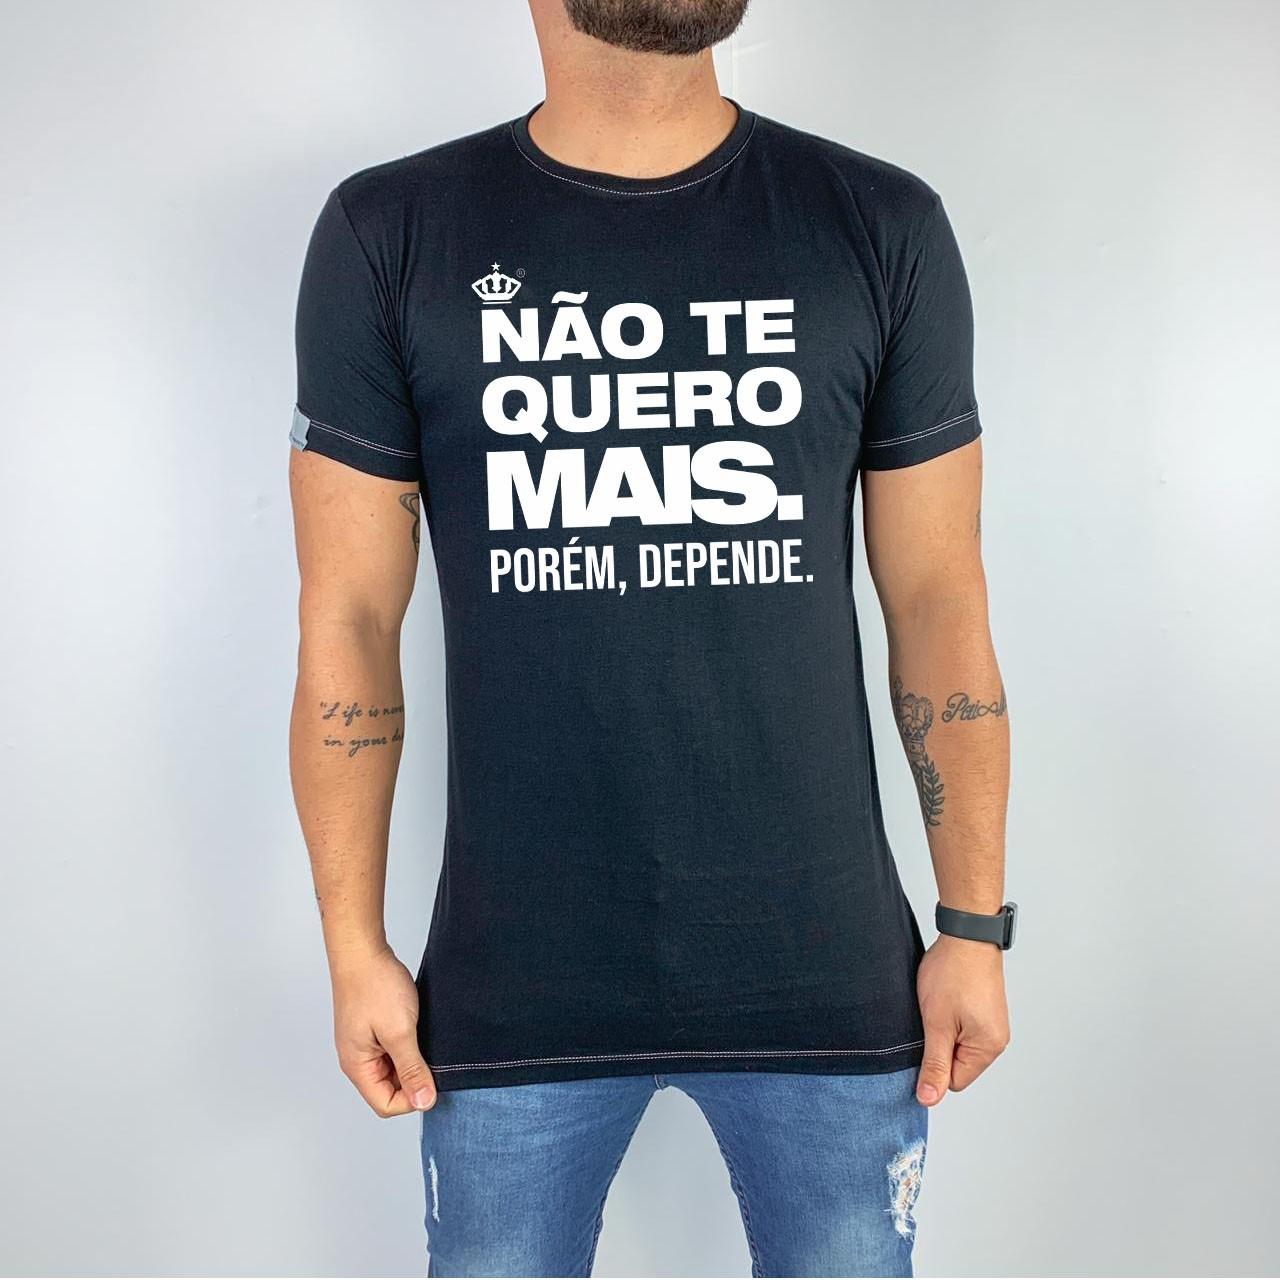 Camiseta Não te quero mais!